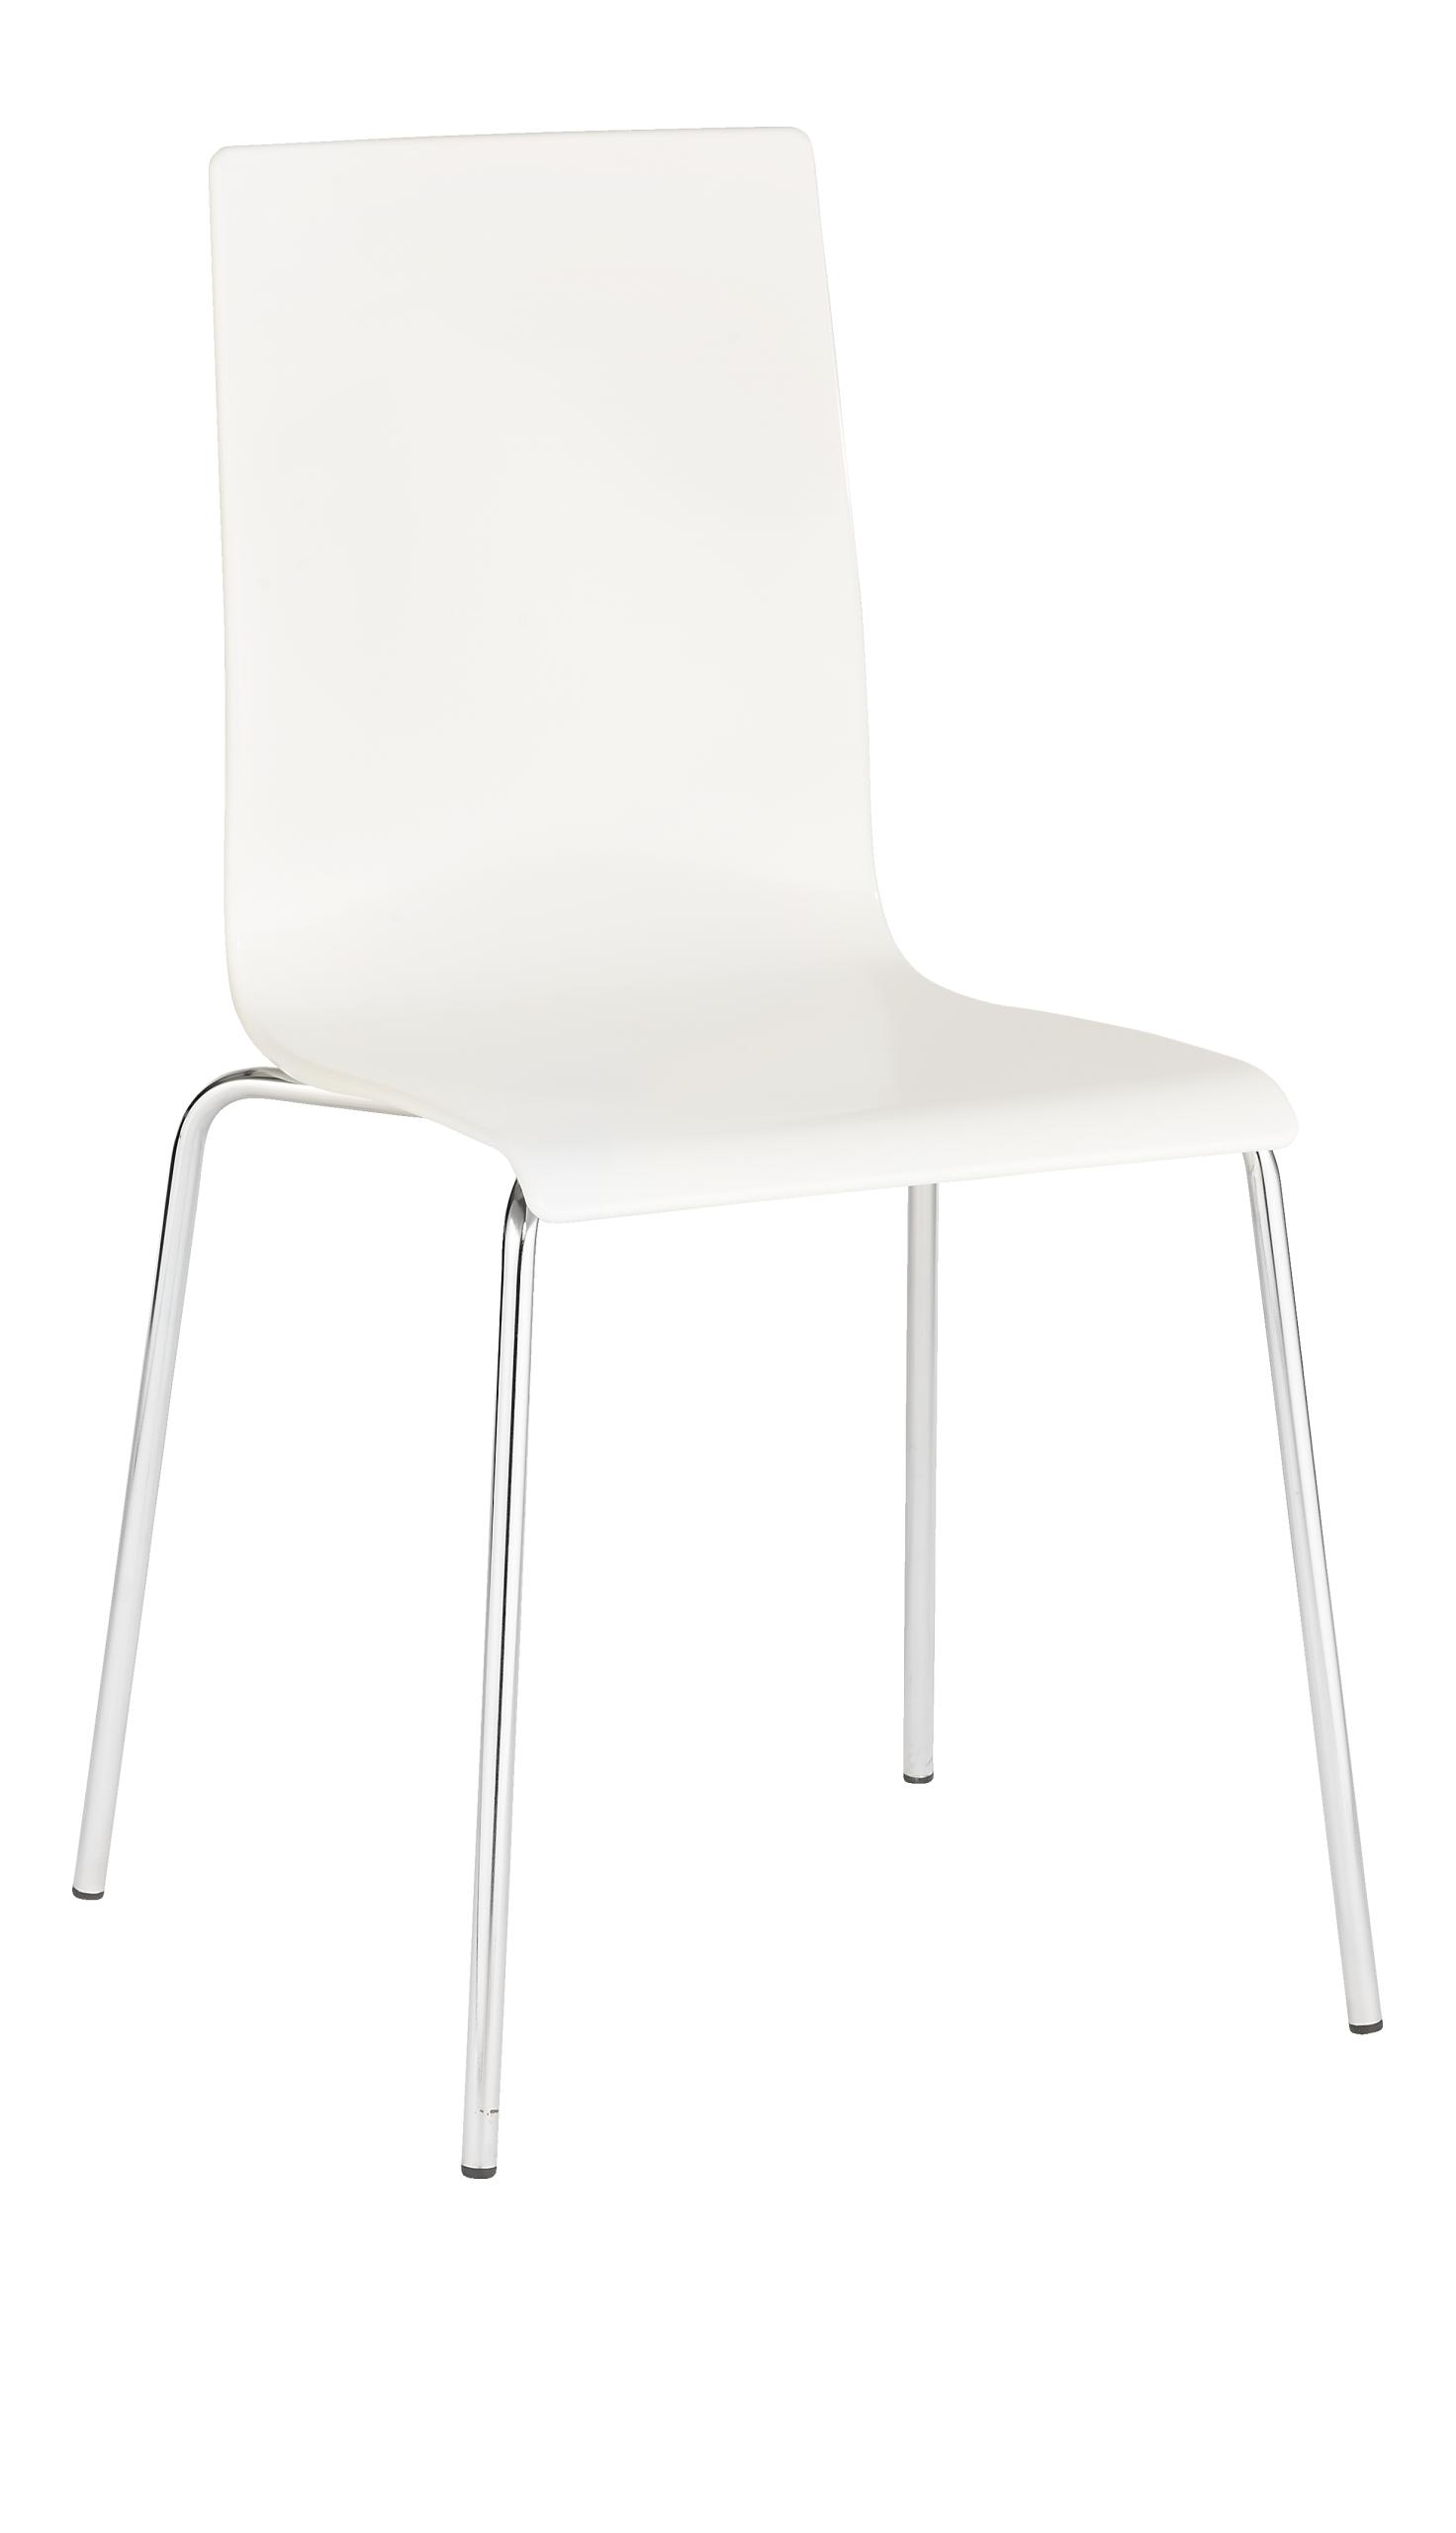 VERDI Esszimmerstühle Weiß Metall Plastik | Küchenstühle | Pinterest